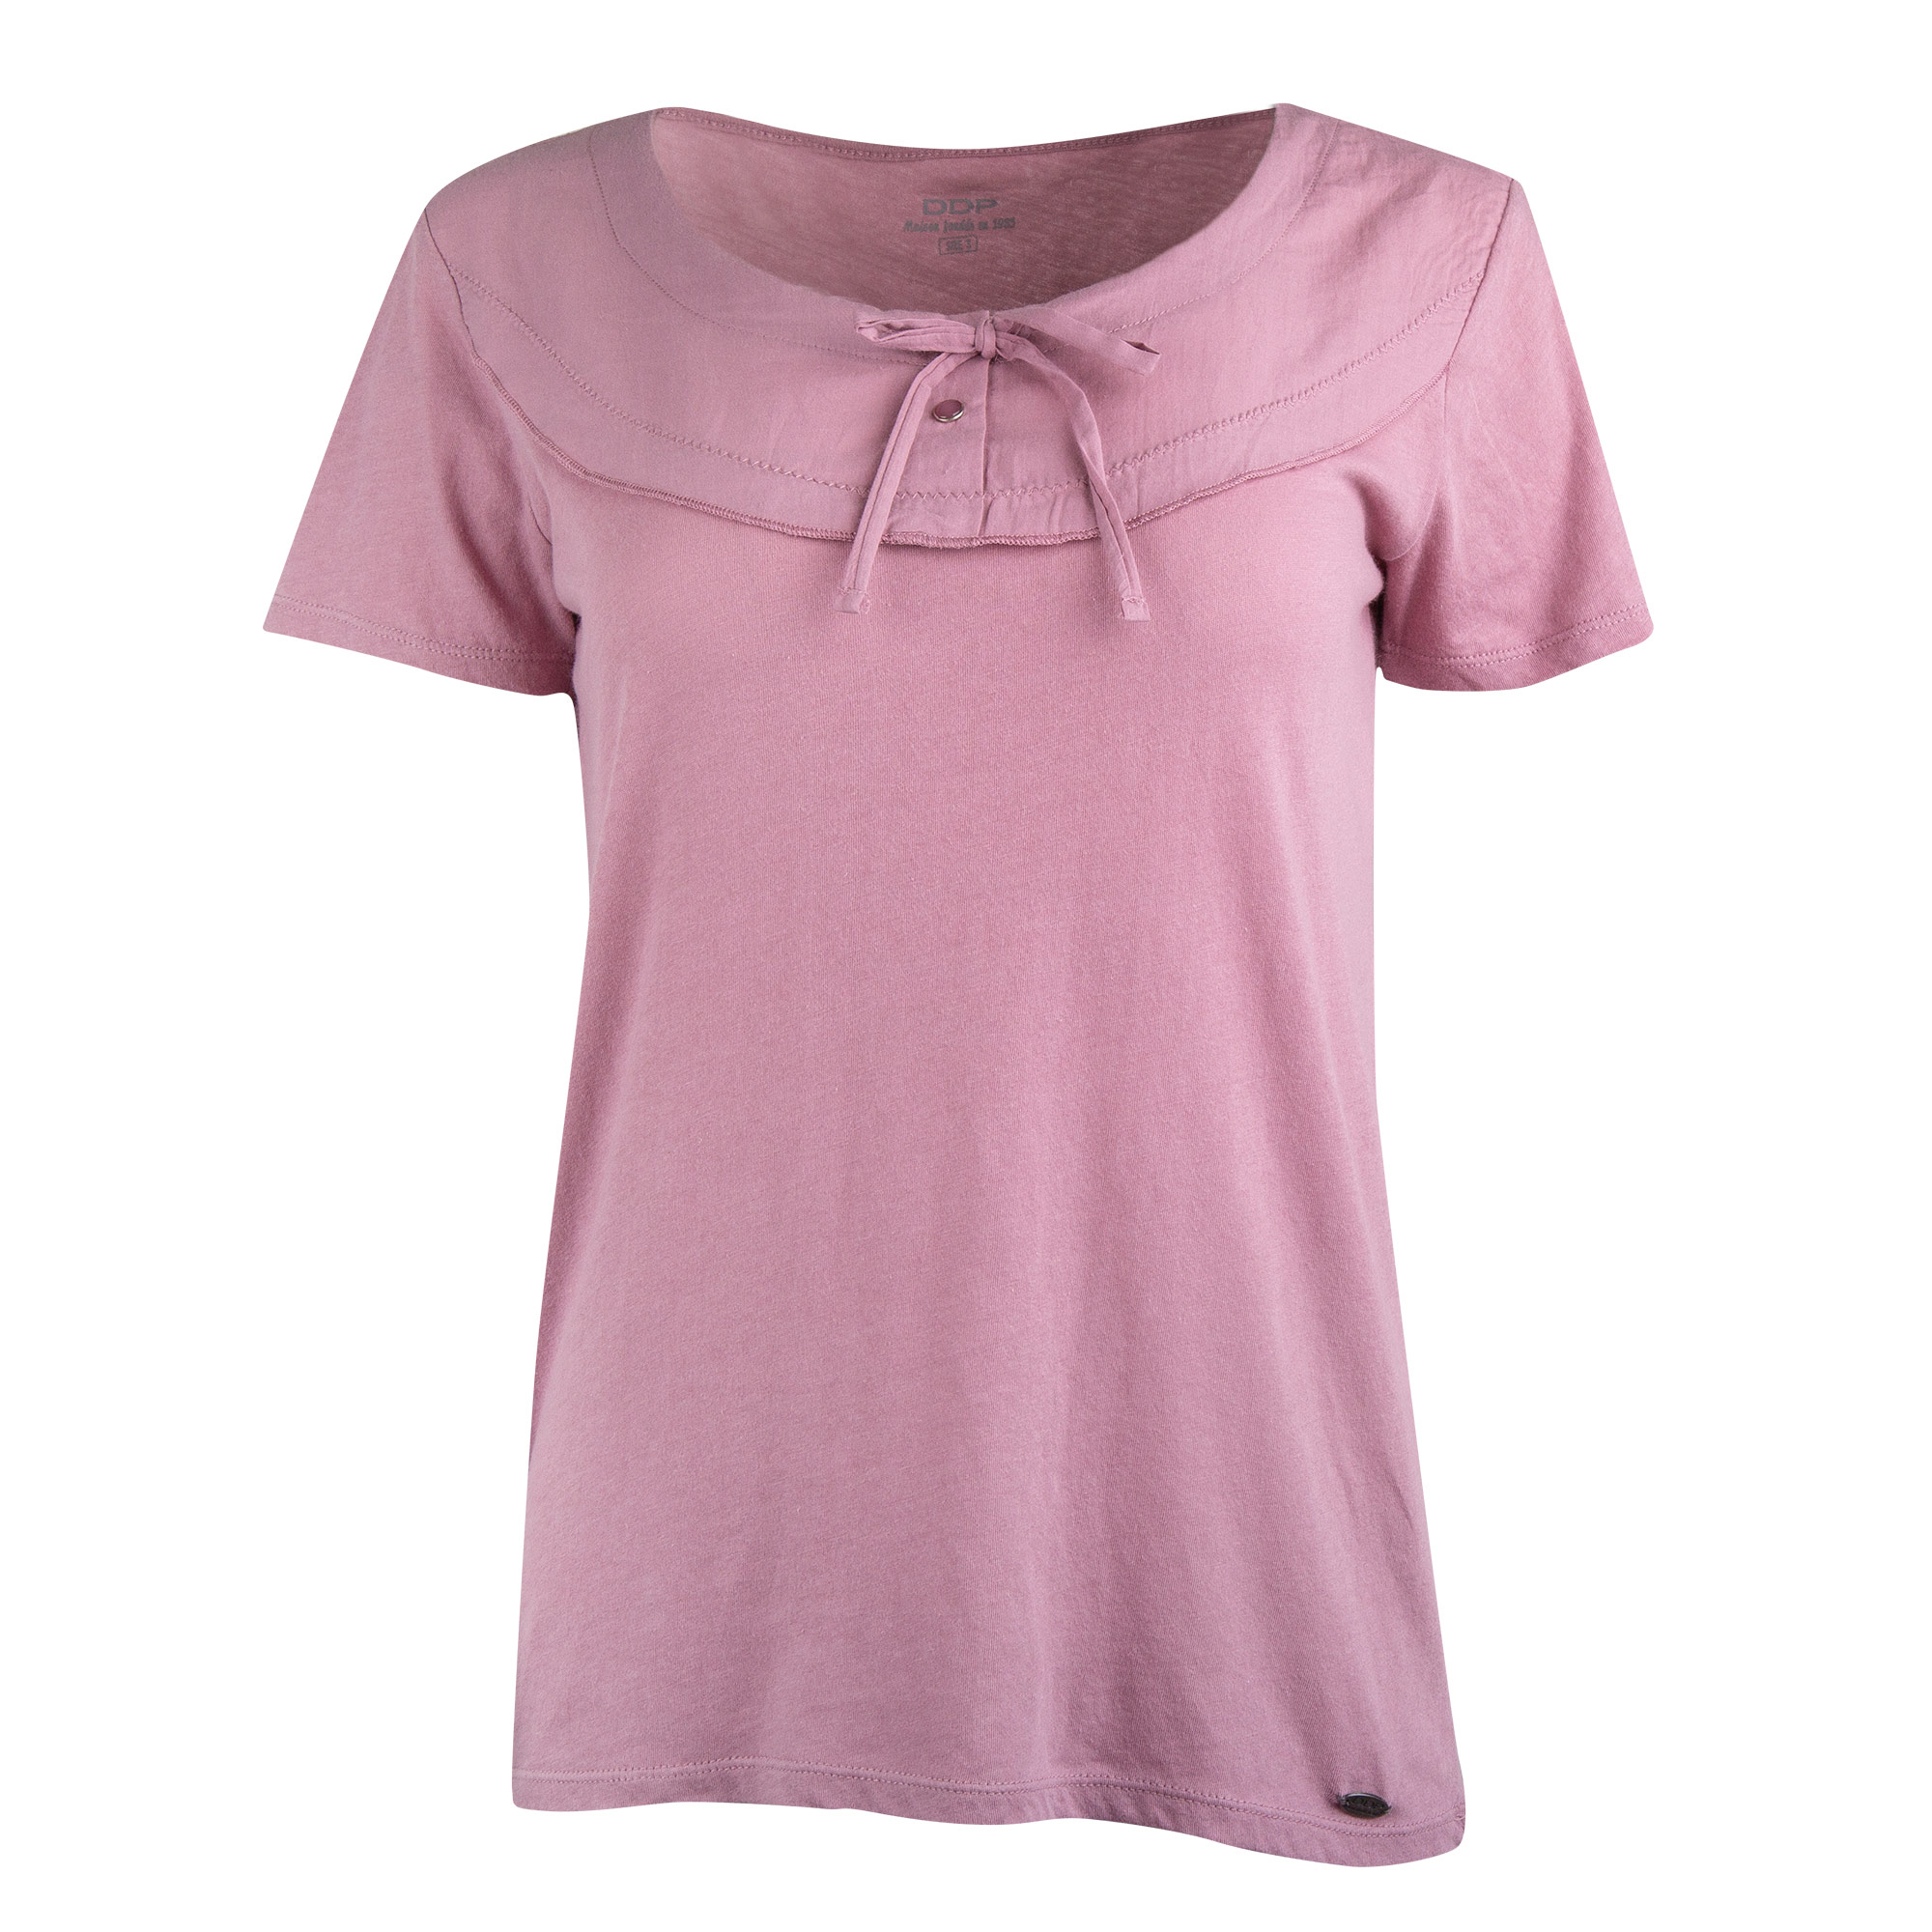 81f480902e Tee shirt uni manches courtes Femme DDP à prix dégriffé !